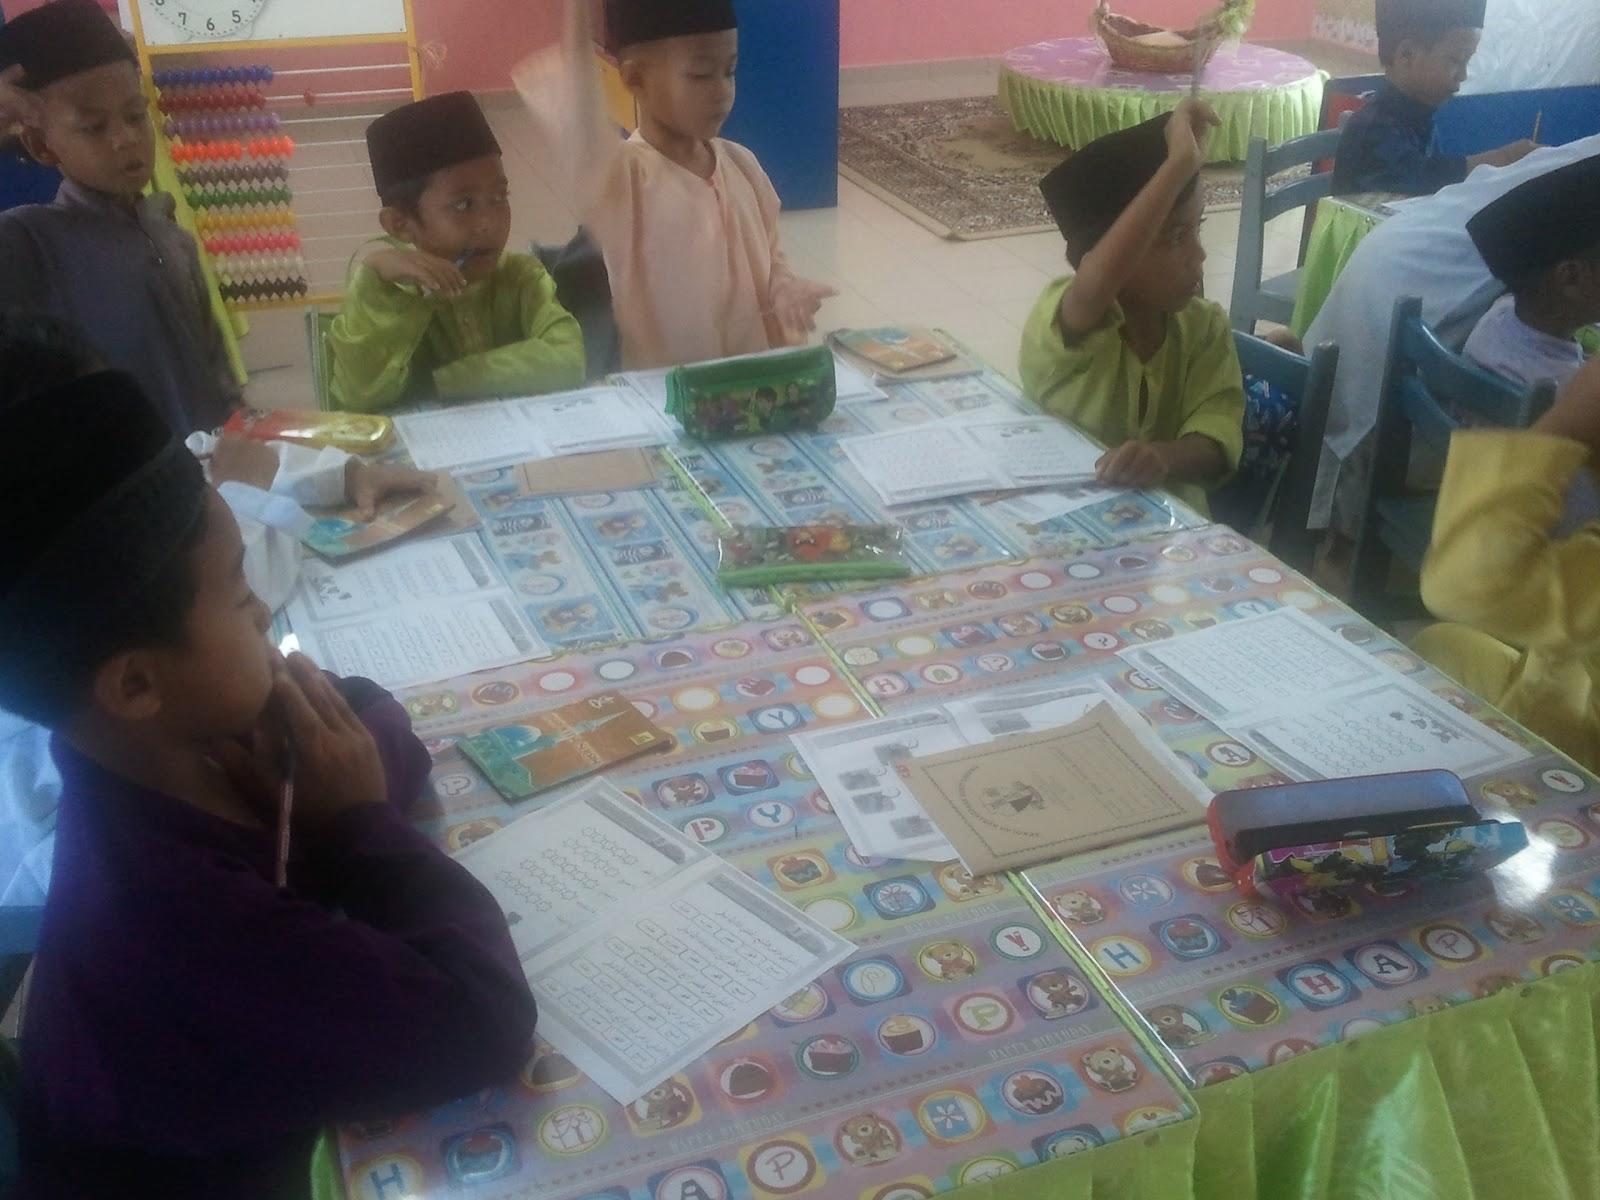 Panitia Pendidikan Islam Amp J Qaf Sk Bukit Dinding Kem Bestari Solat